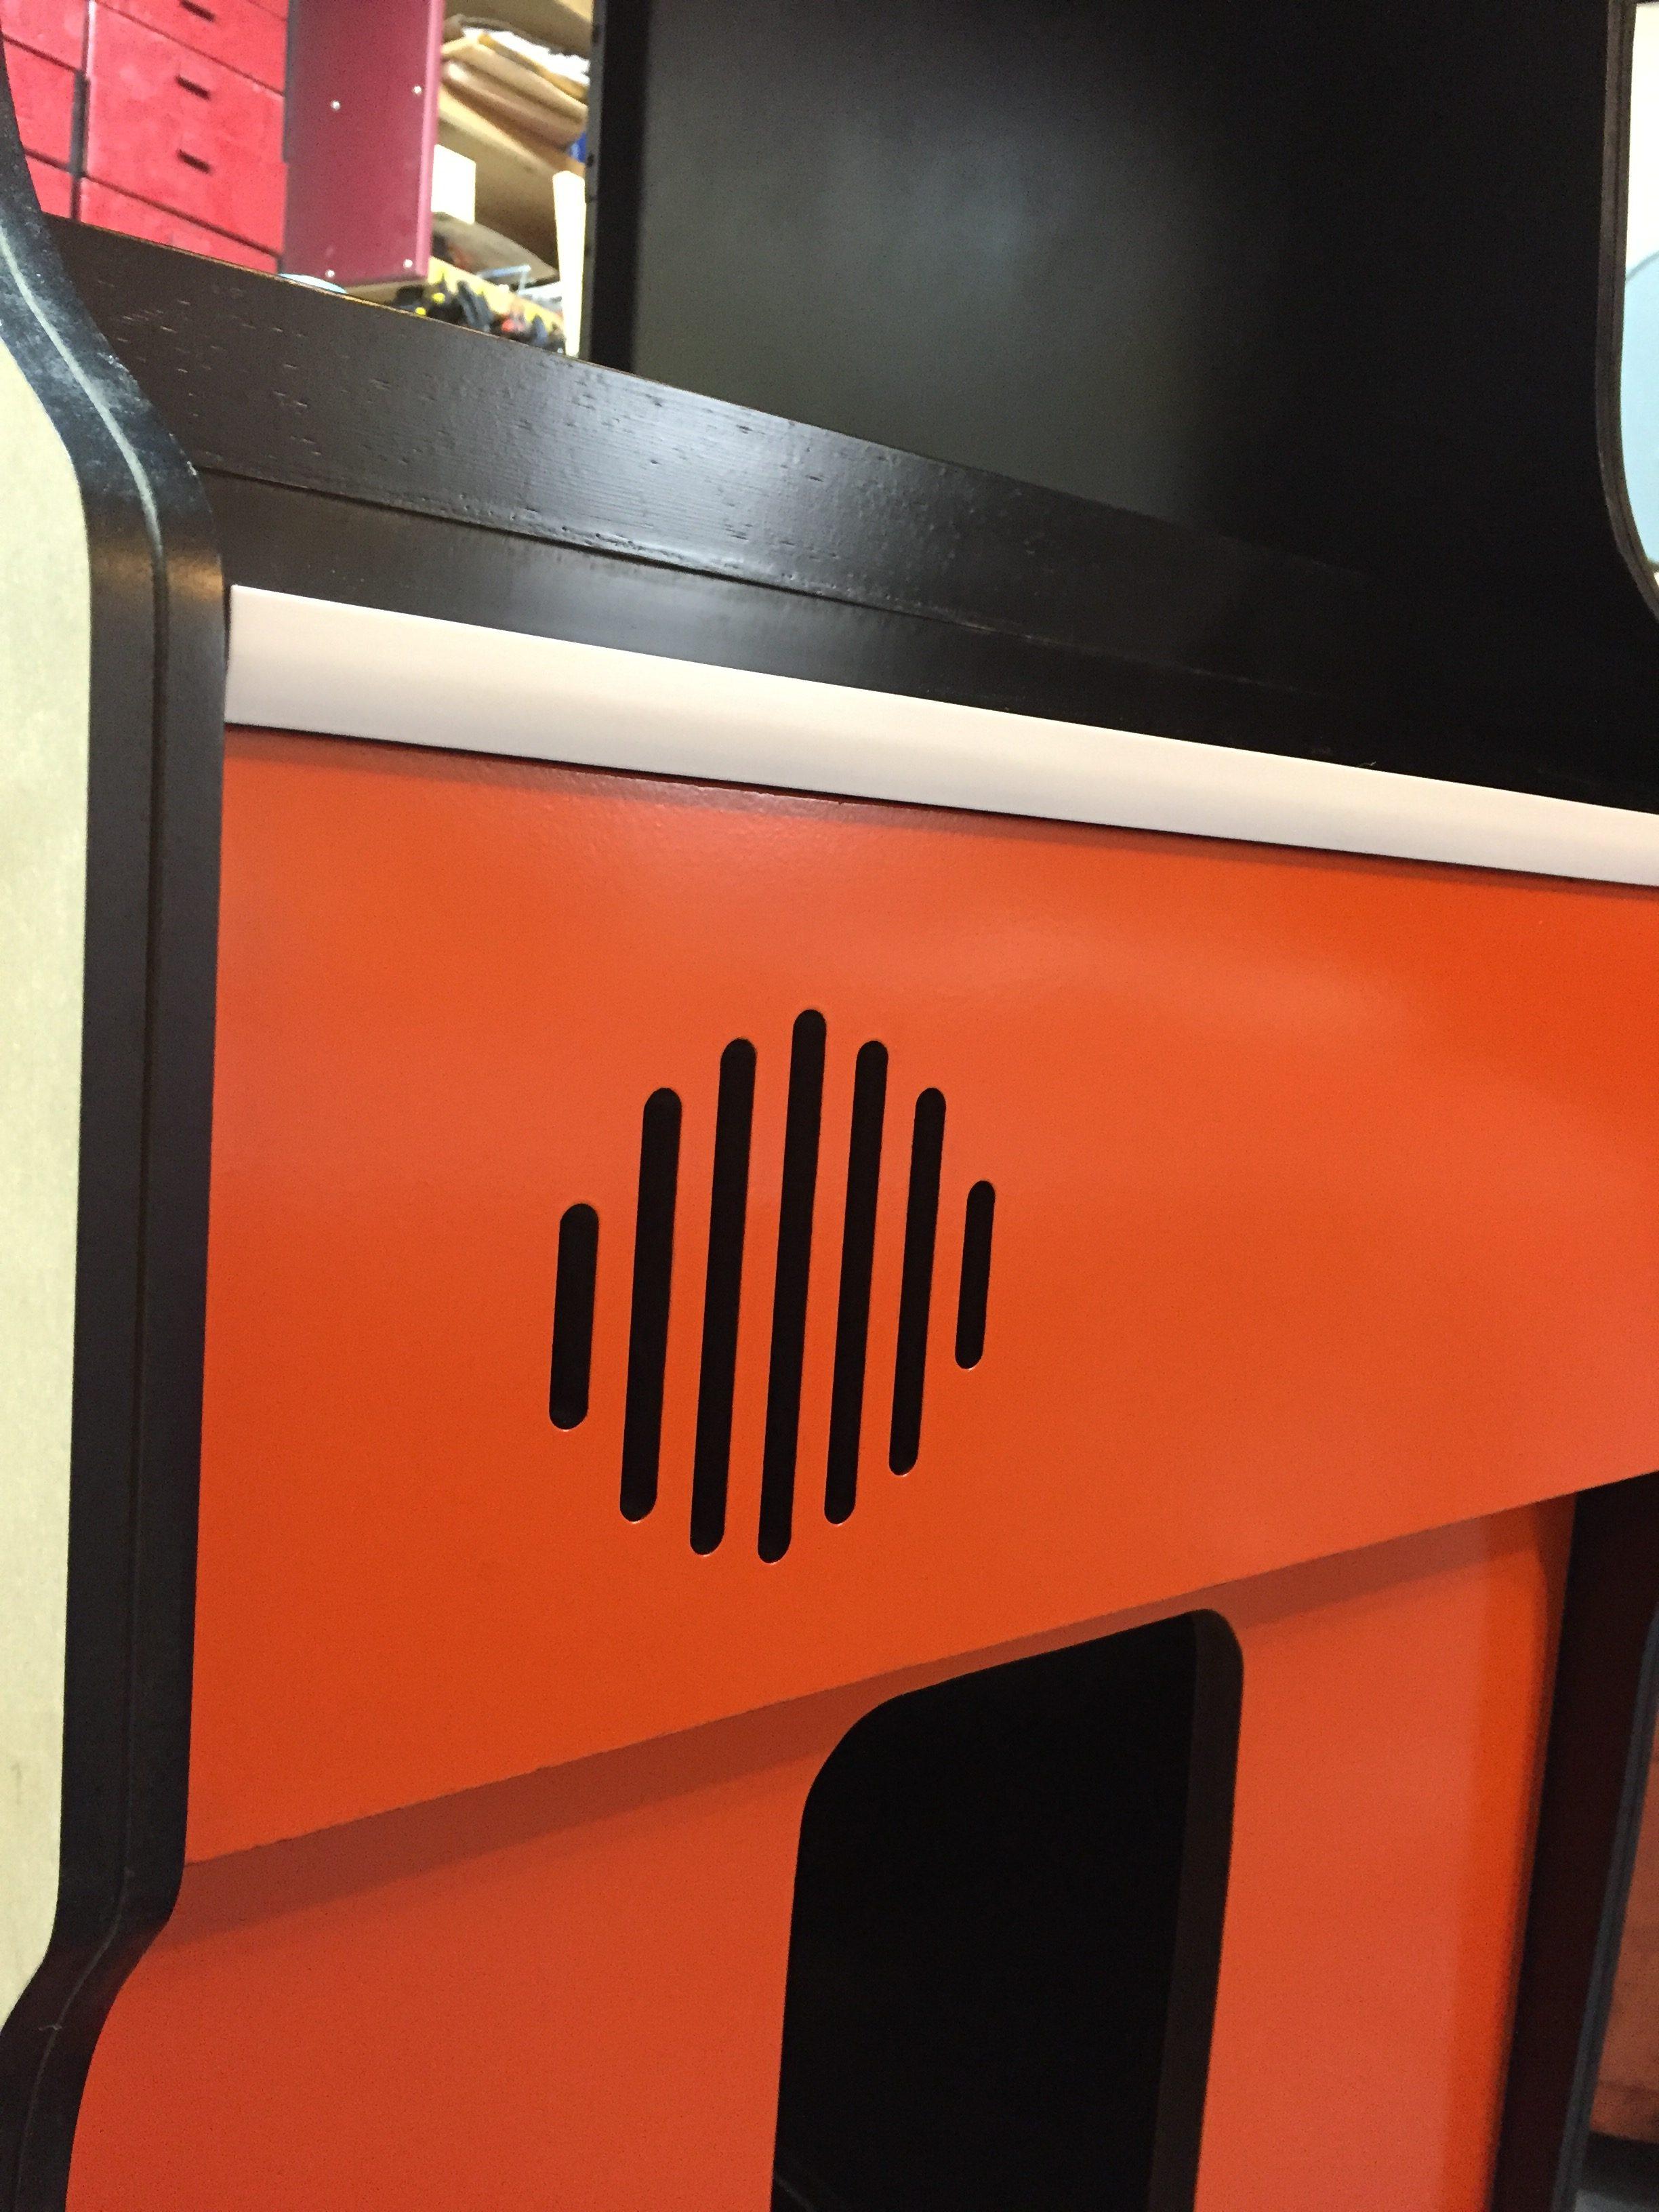 Donkey Kong Arcade Machine: Orange and T-Mold